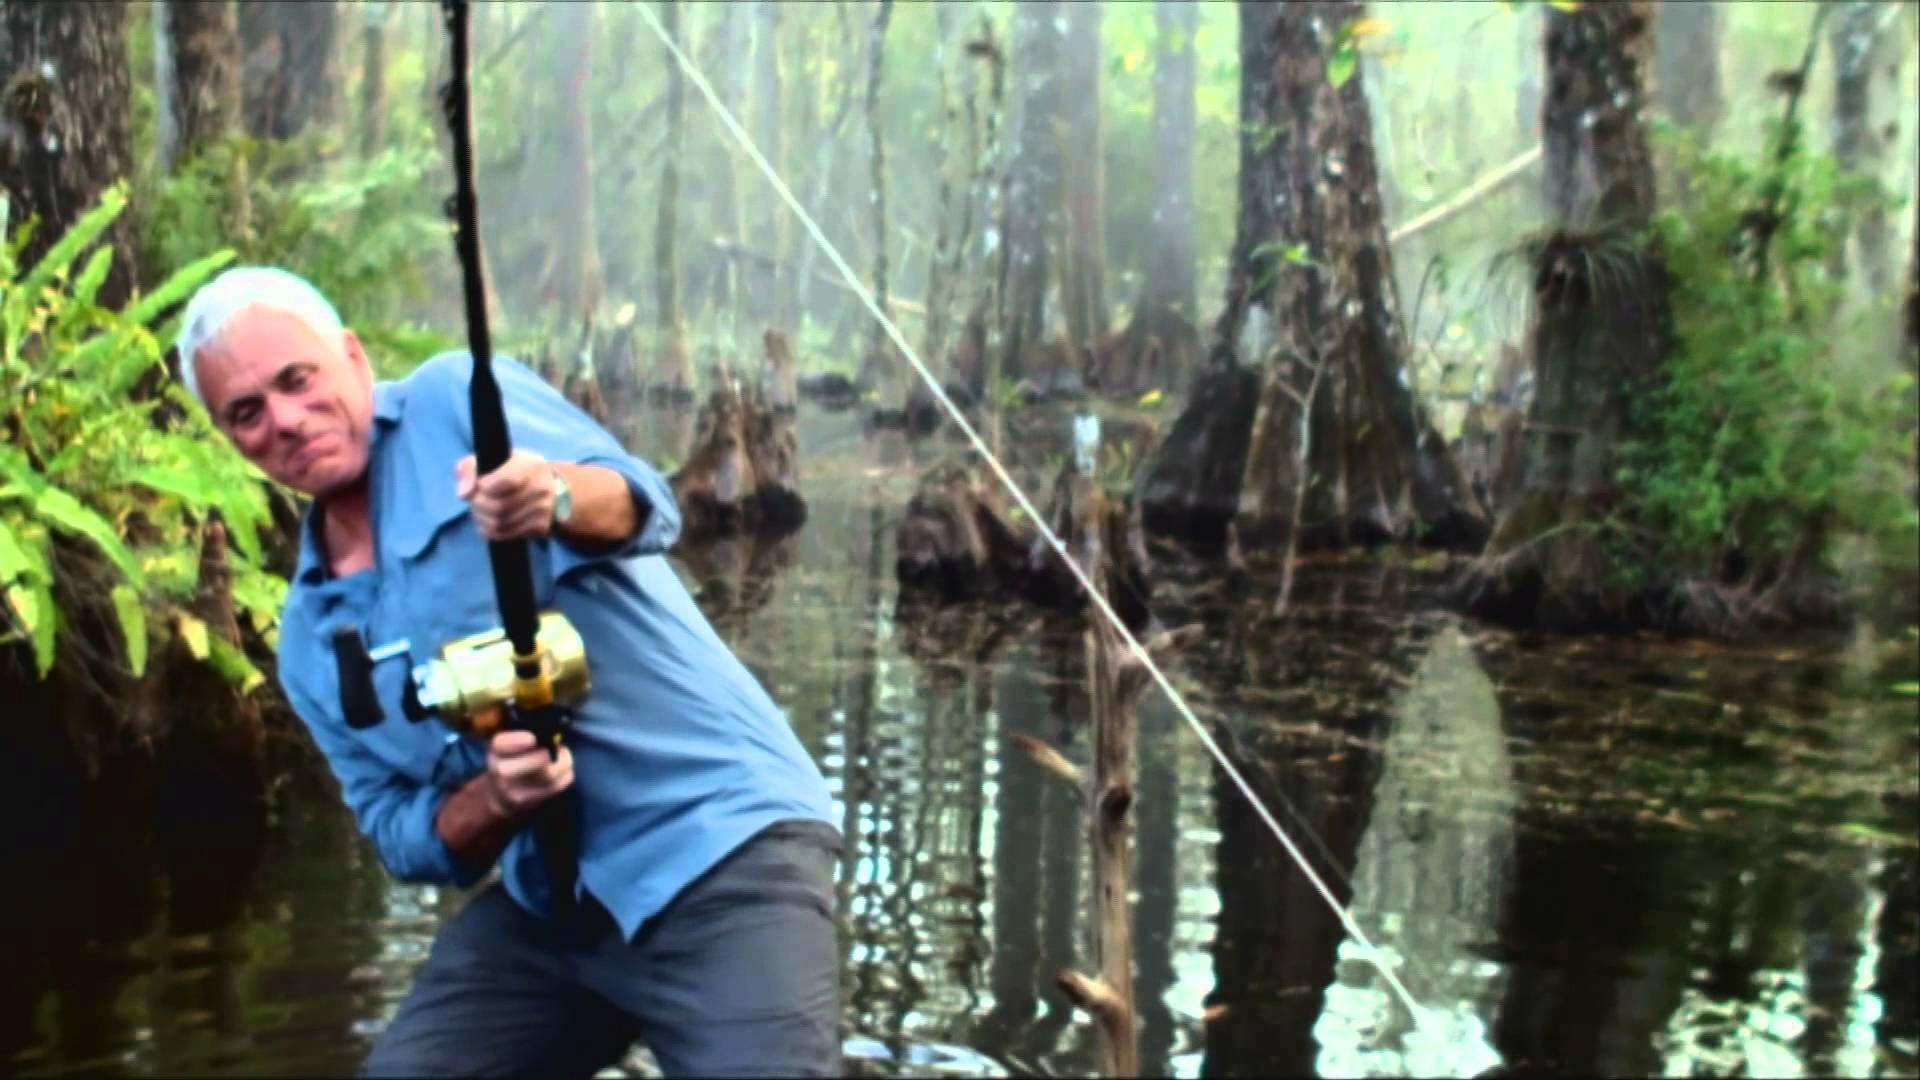 jeremy wade en el amazonasd - Buscar con Google